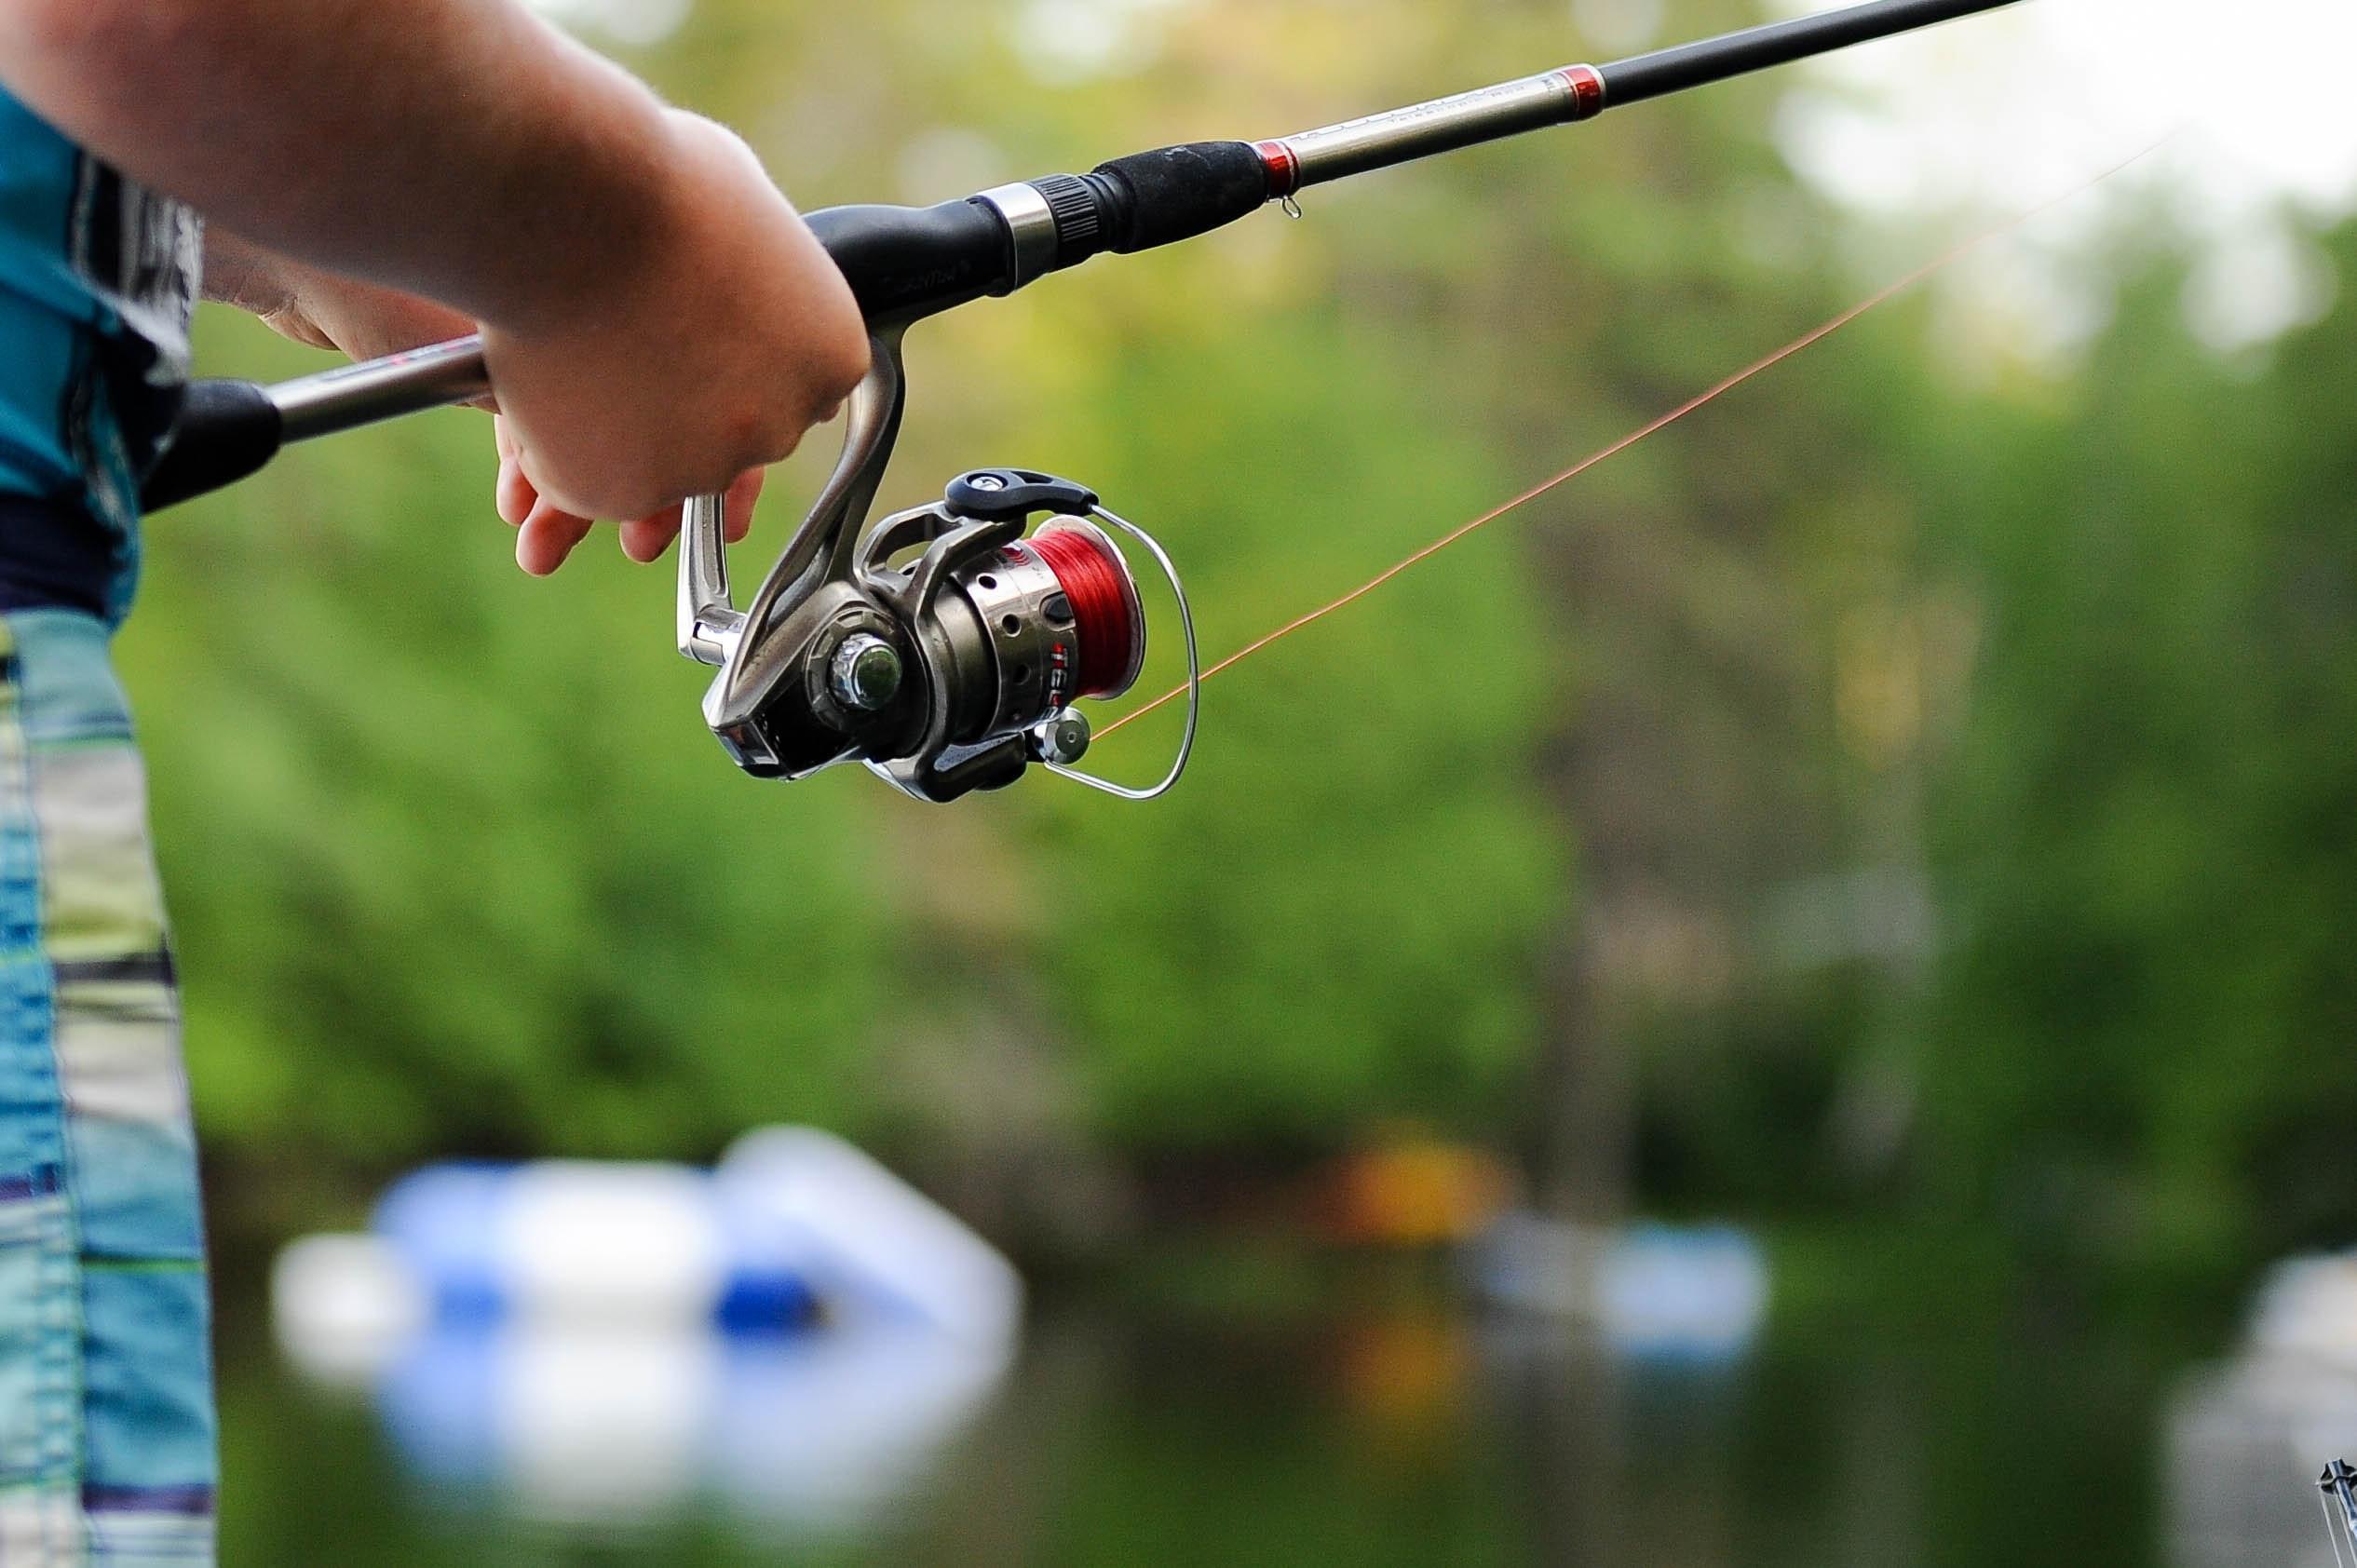 Рыбак крутит спиннинговую катушку при проводке